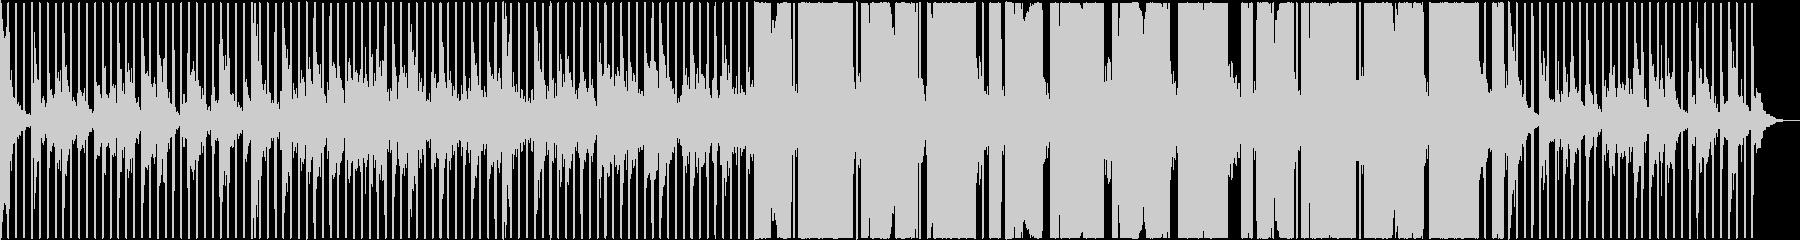 くつろぎ、ゆったりとしたヒーリングの未再生の波形